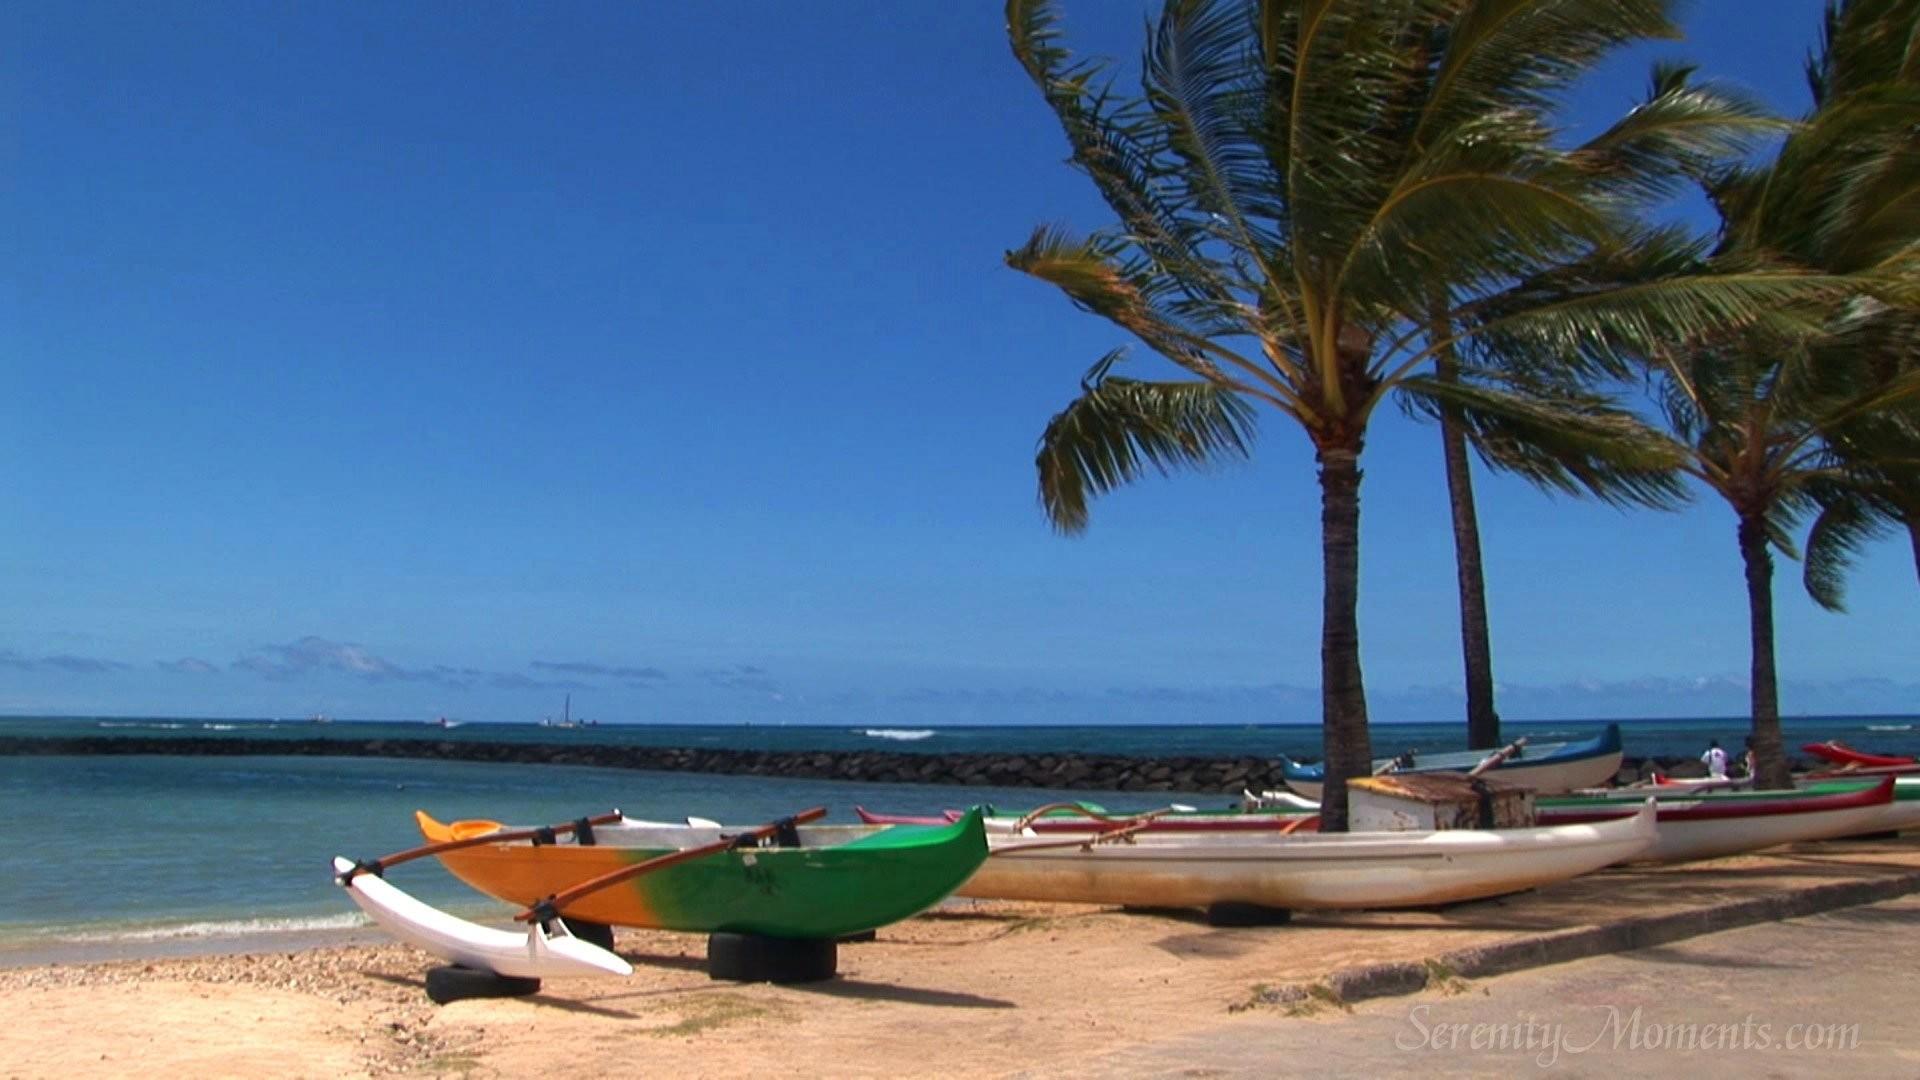 Res: 1920x1080, waikiki beach 806687